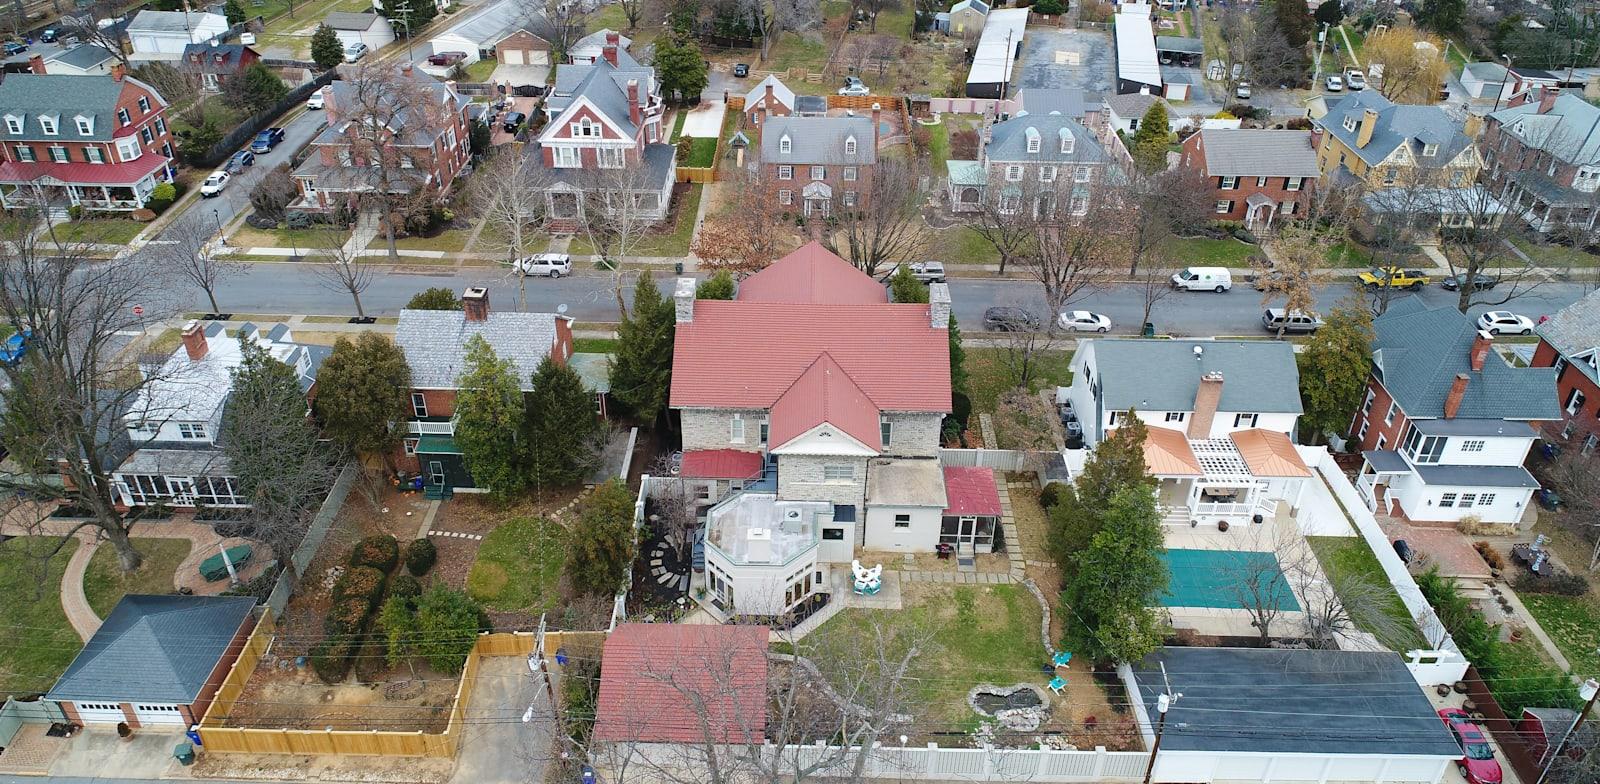 שכונת מגורים. שמונה שבועות בממוצע לבניית בית קטן בחצר / צילום: Shutterstock